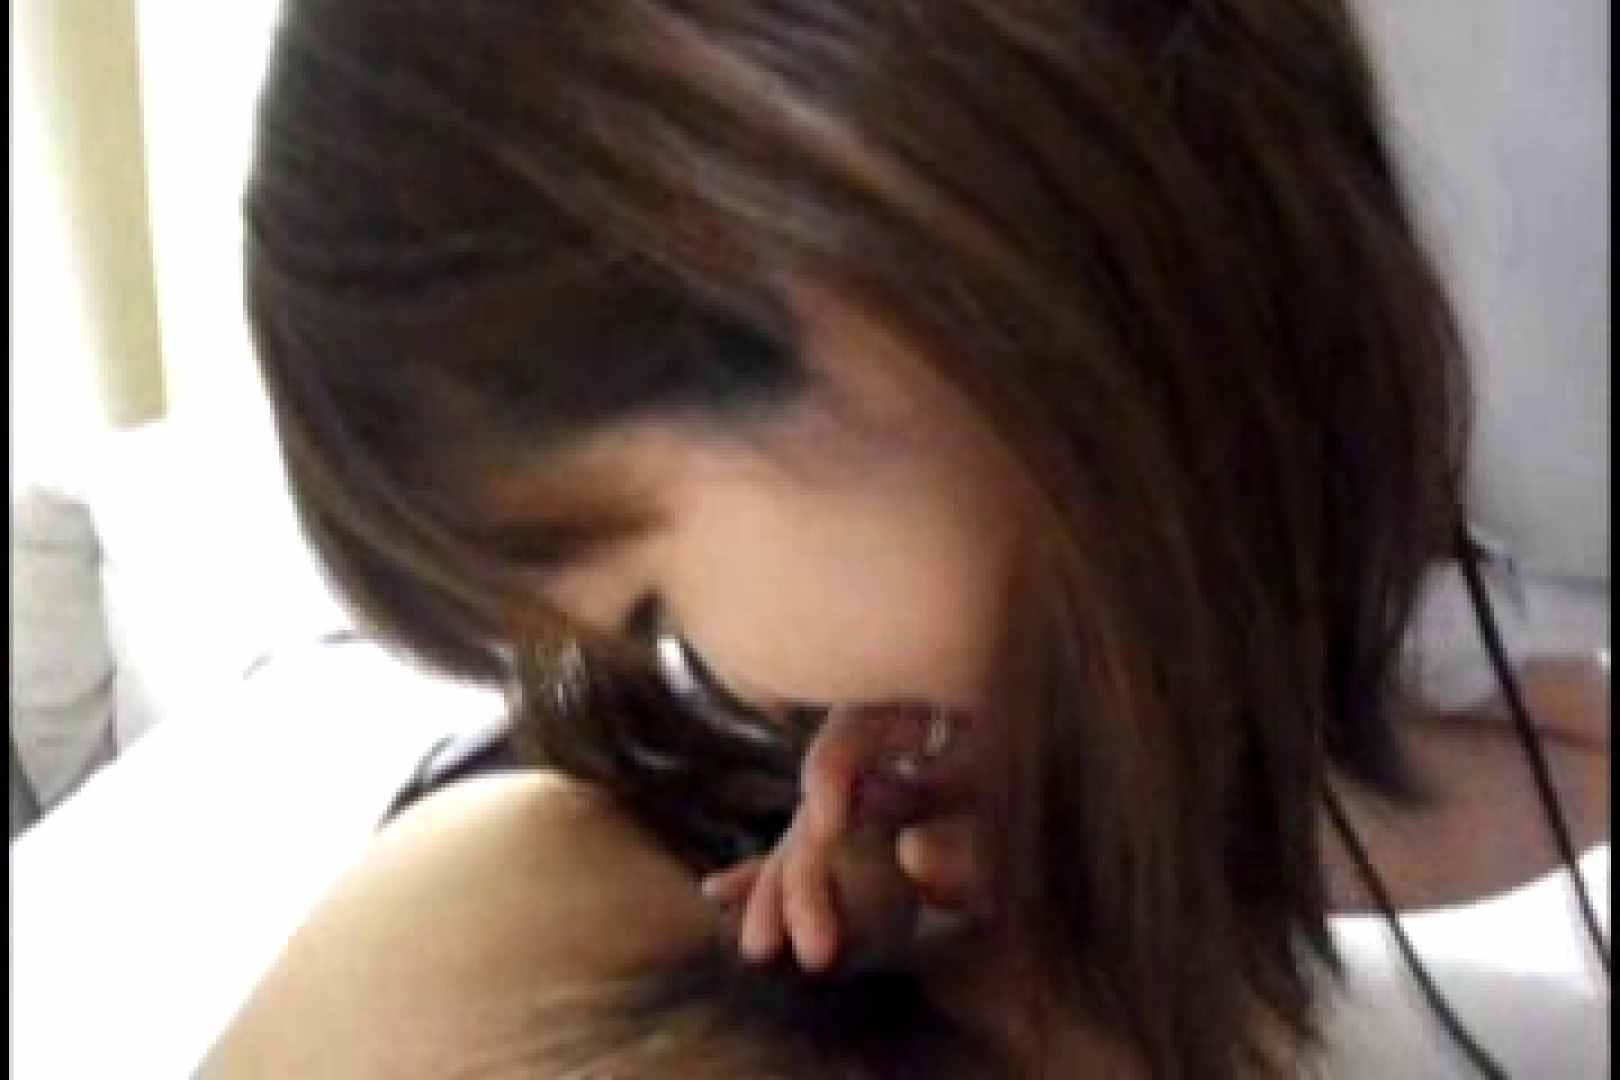 ヤリマンと呼ばれた看護士さんvol1 シックスナイン  98pic 76